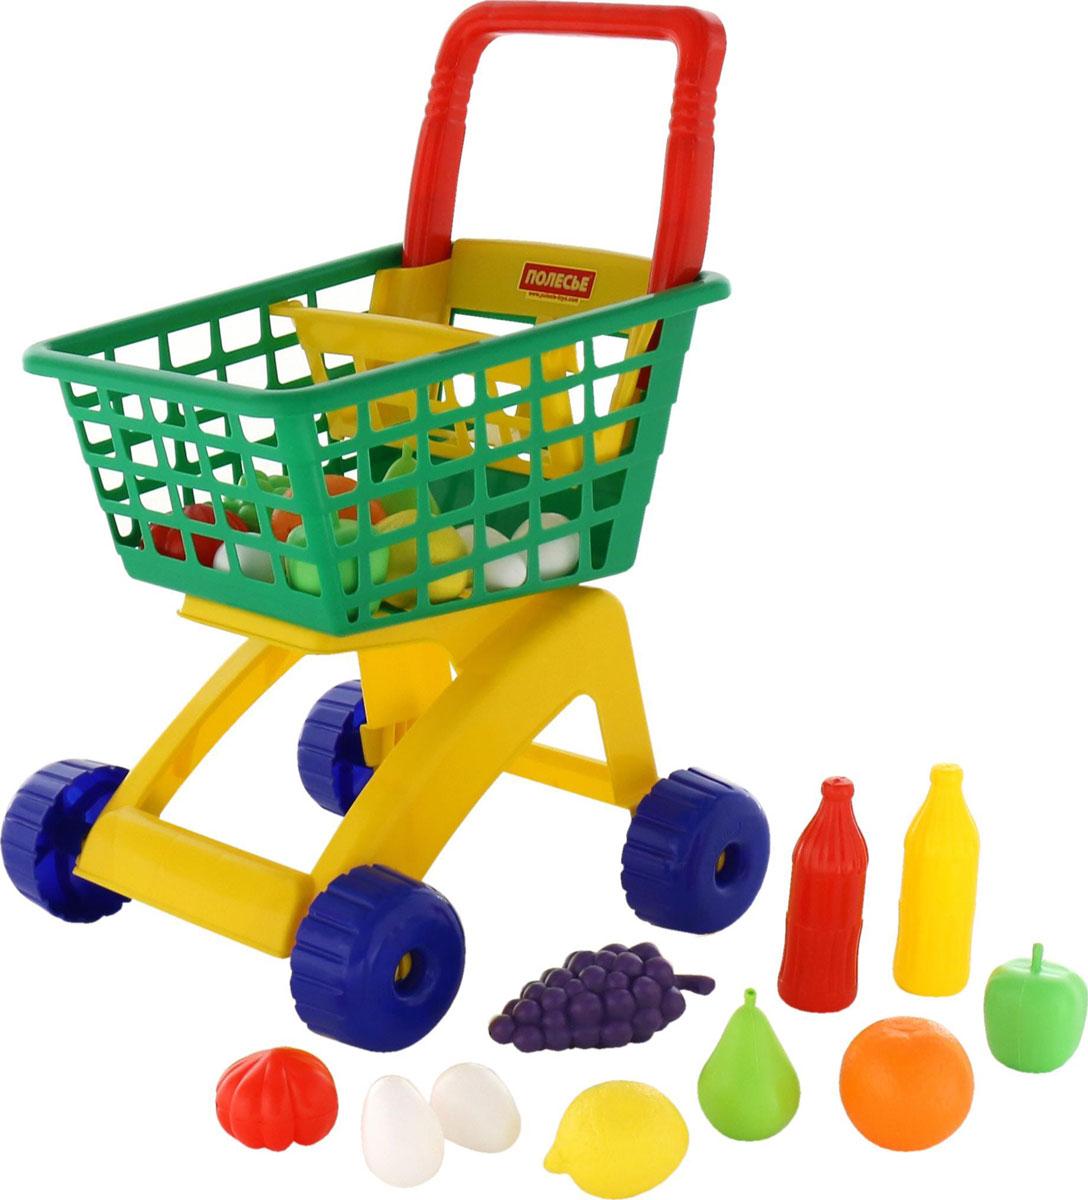 Полесье Игрушечная тележка для магазина с набором продуктов №6 цвет тележки зеленый красный желтый - Сюжетно-ролевые игрушки